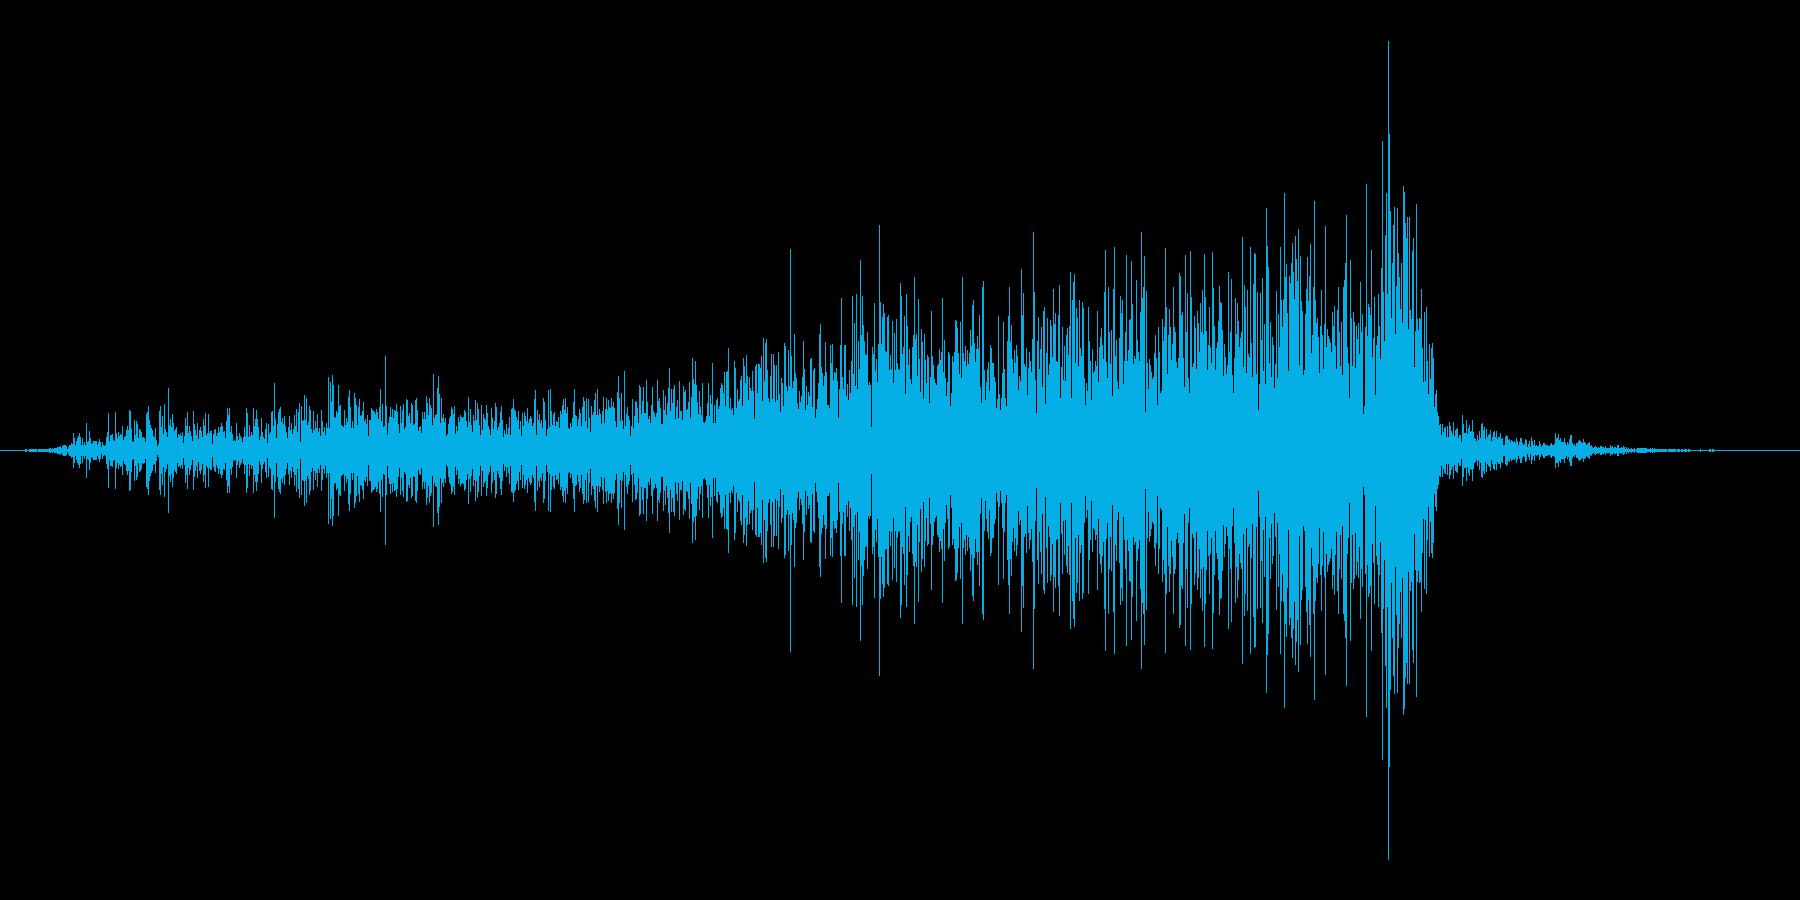 紙を破る音の再生済みの波形